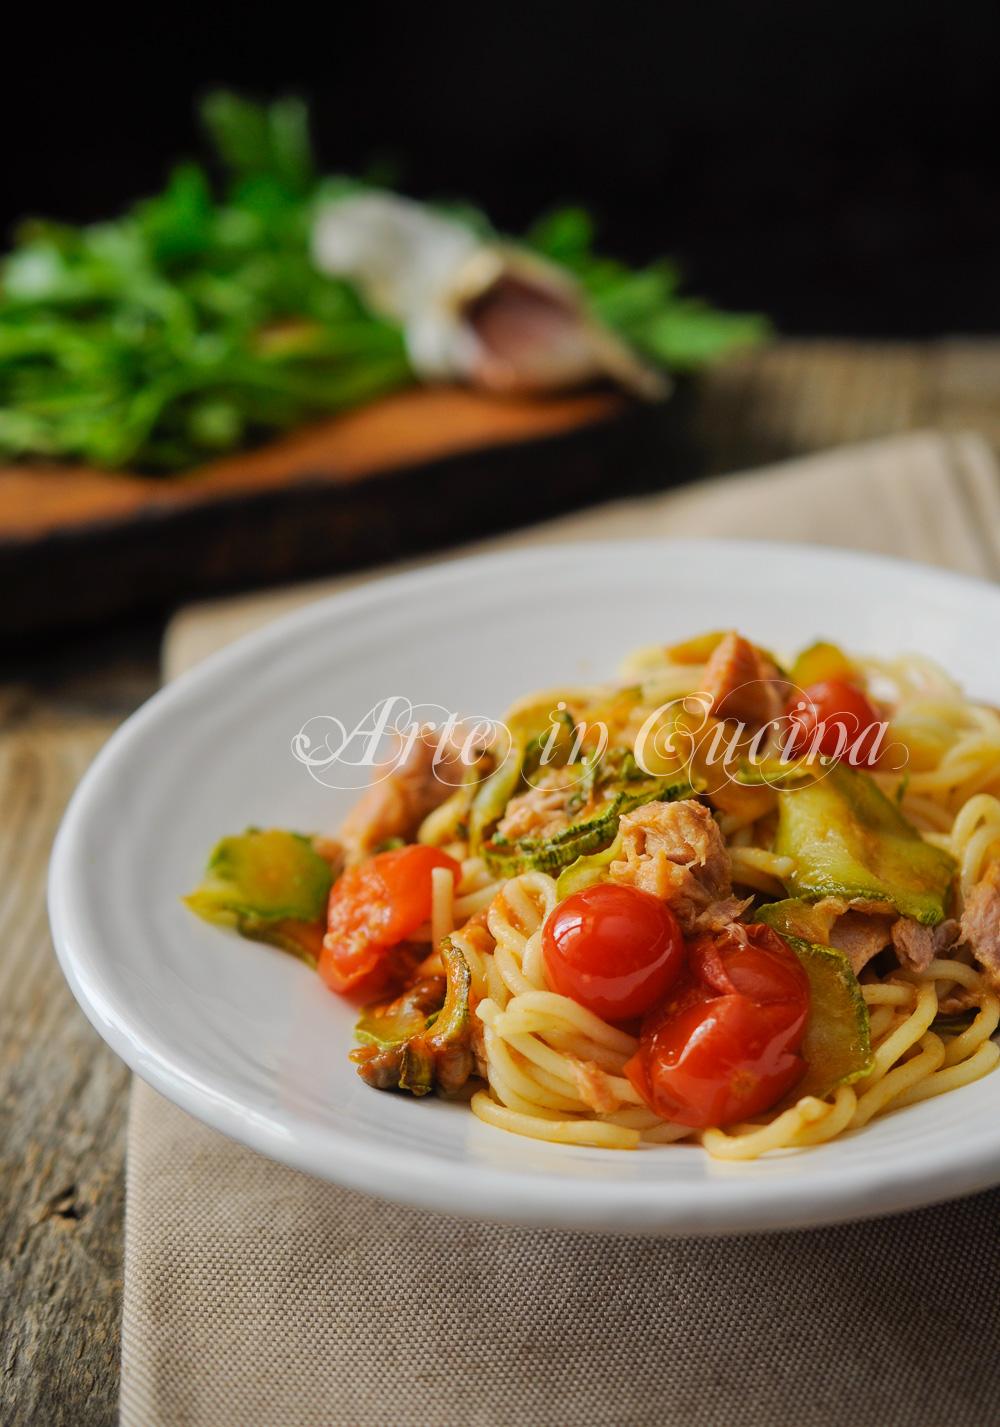 Spaghetti tonno e zucchine al pomodoro veloce vickyart arte in cucina